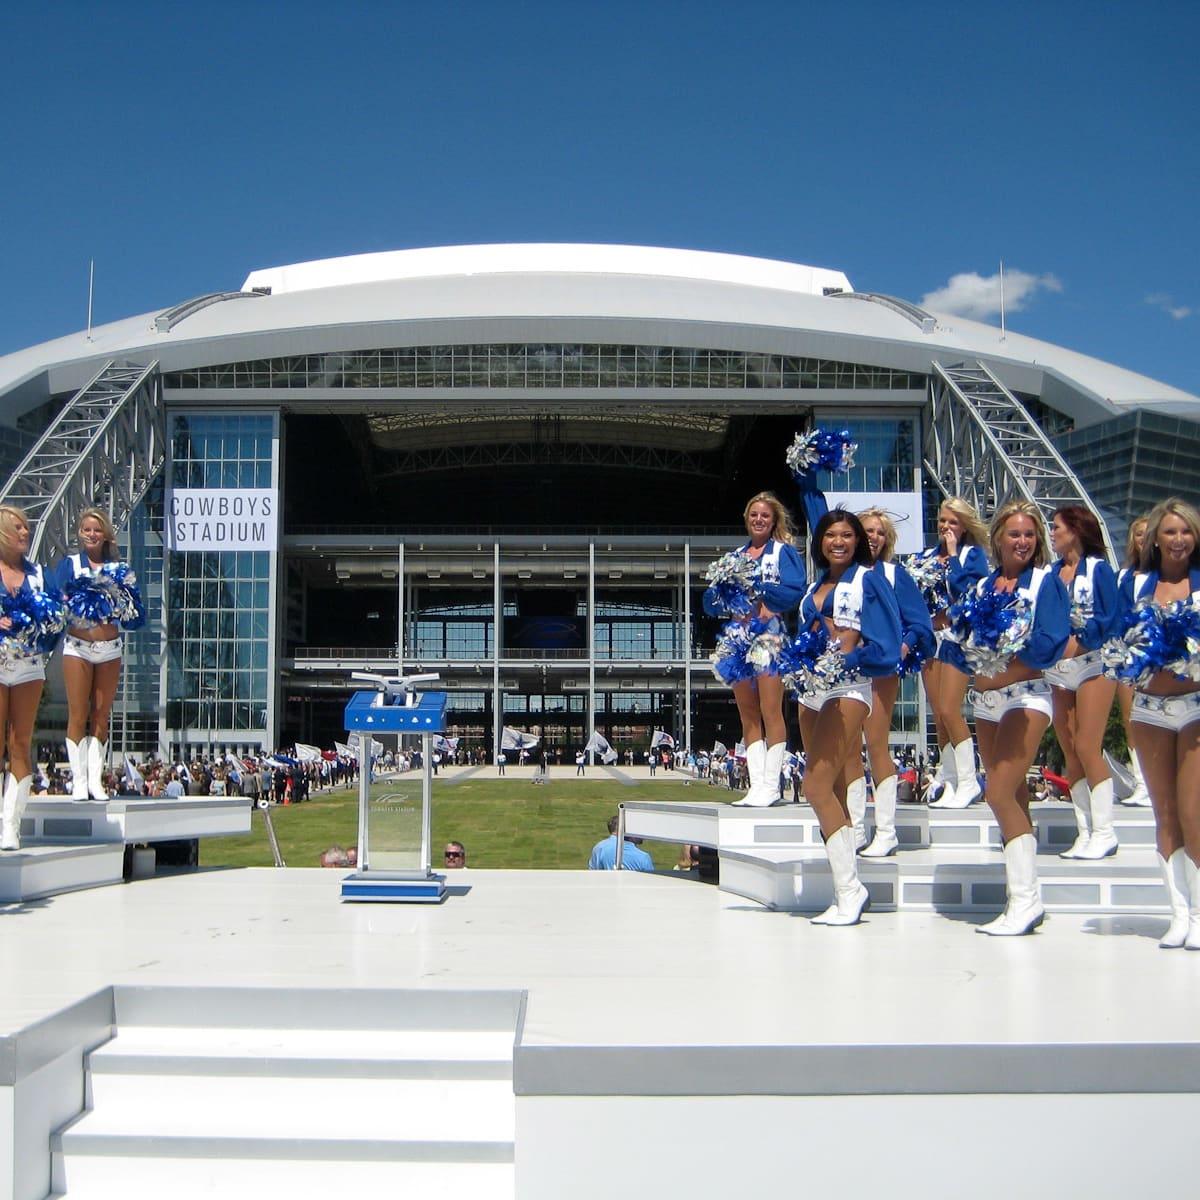 Dallas Cowboys cheerleaders at Cowboys Stadium in Arlington